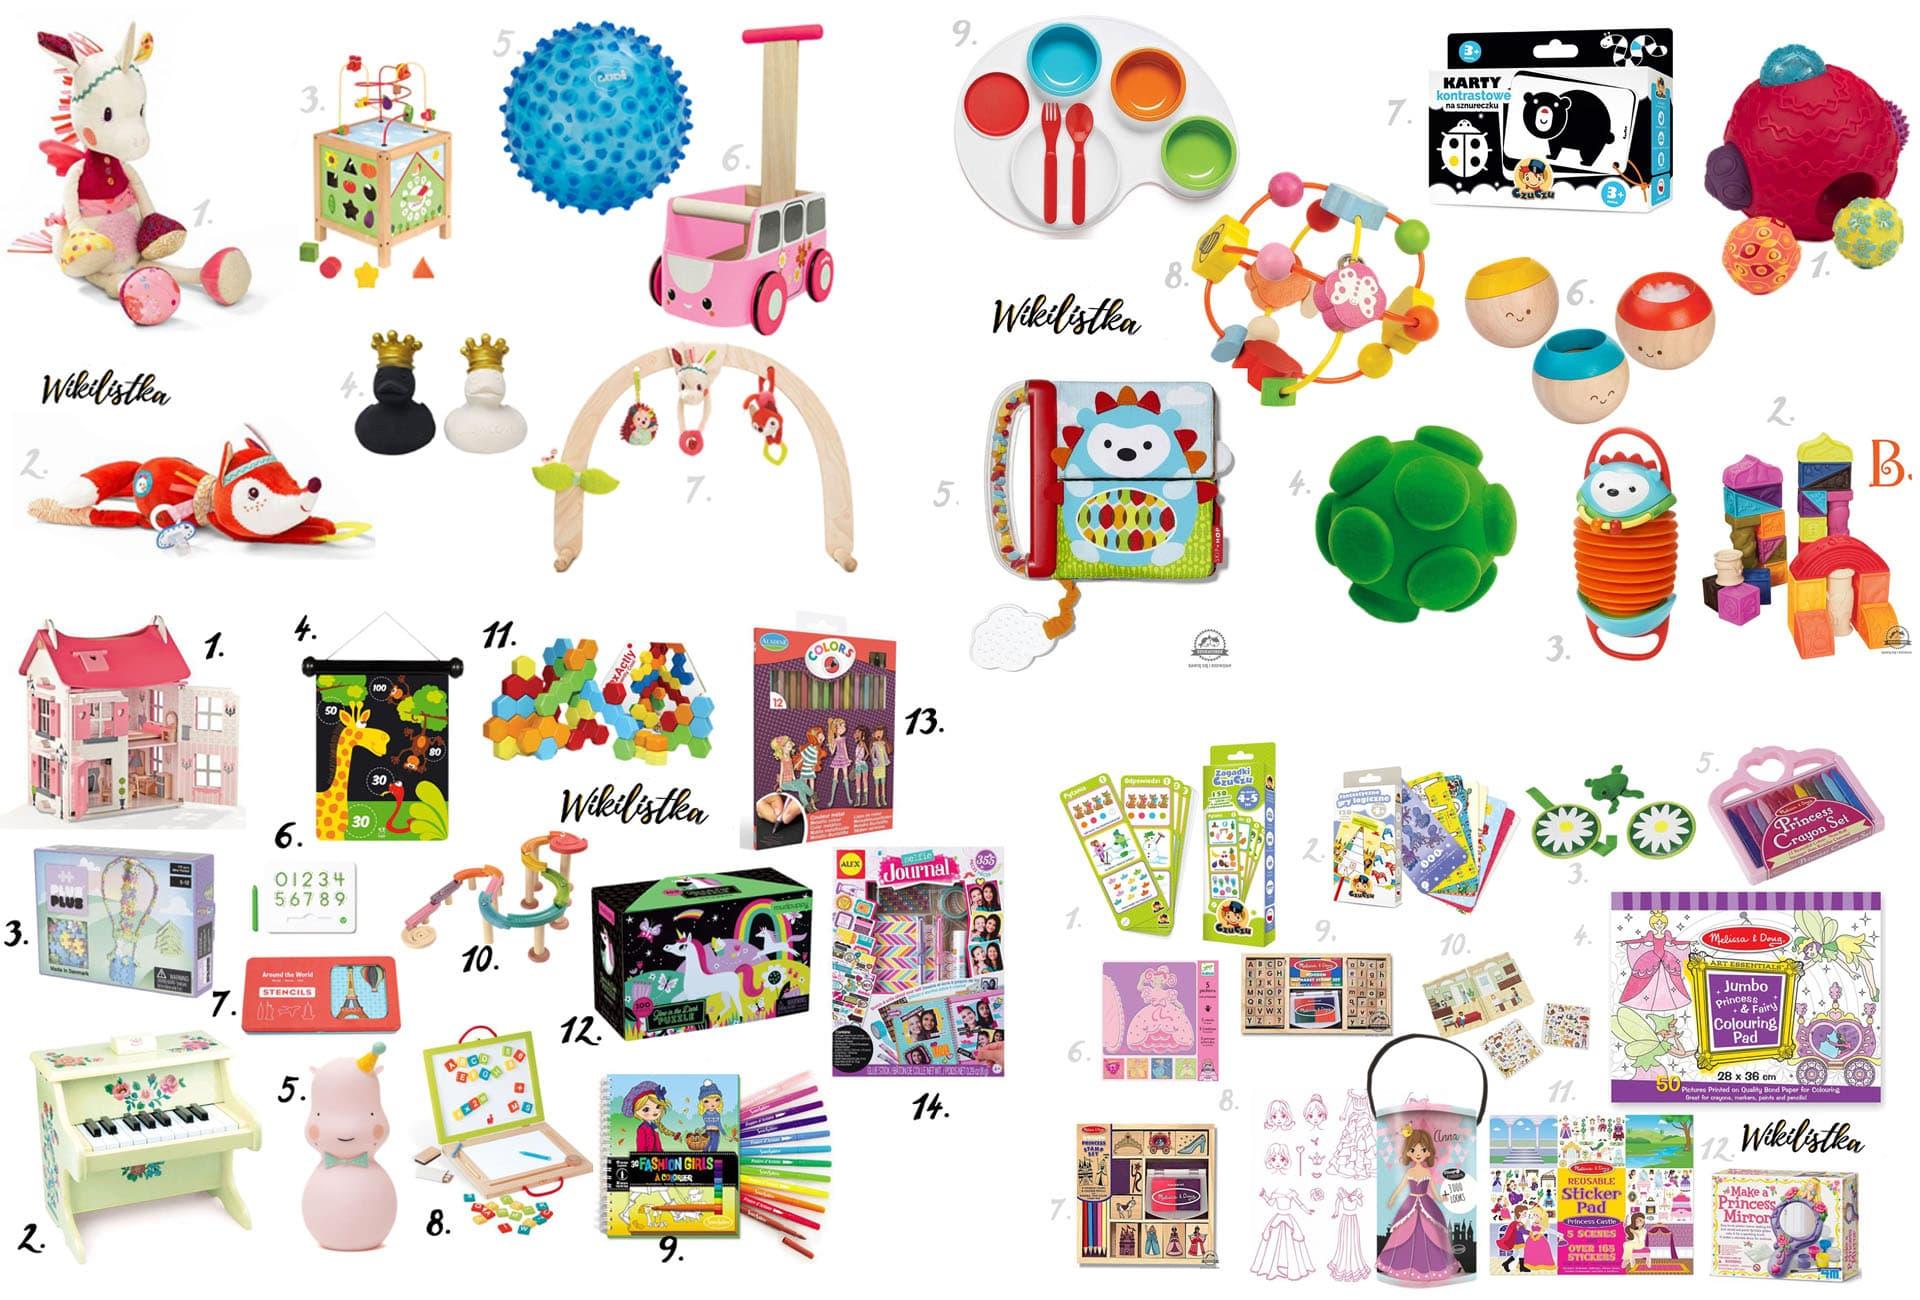 Prezent na Dzień Dziecka - zabawka, piłka, zabawki, układanki, przebieranki, kredki, pianinko, domek dla lalek